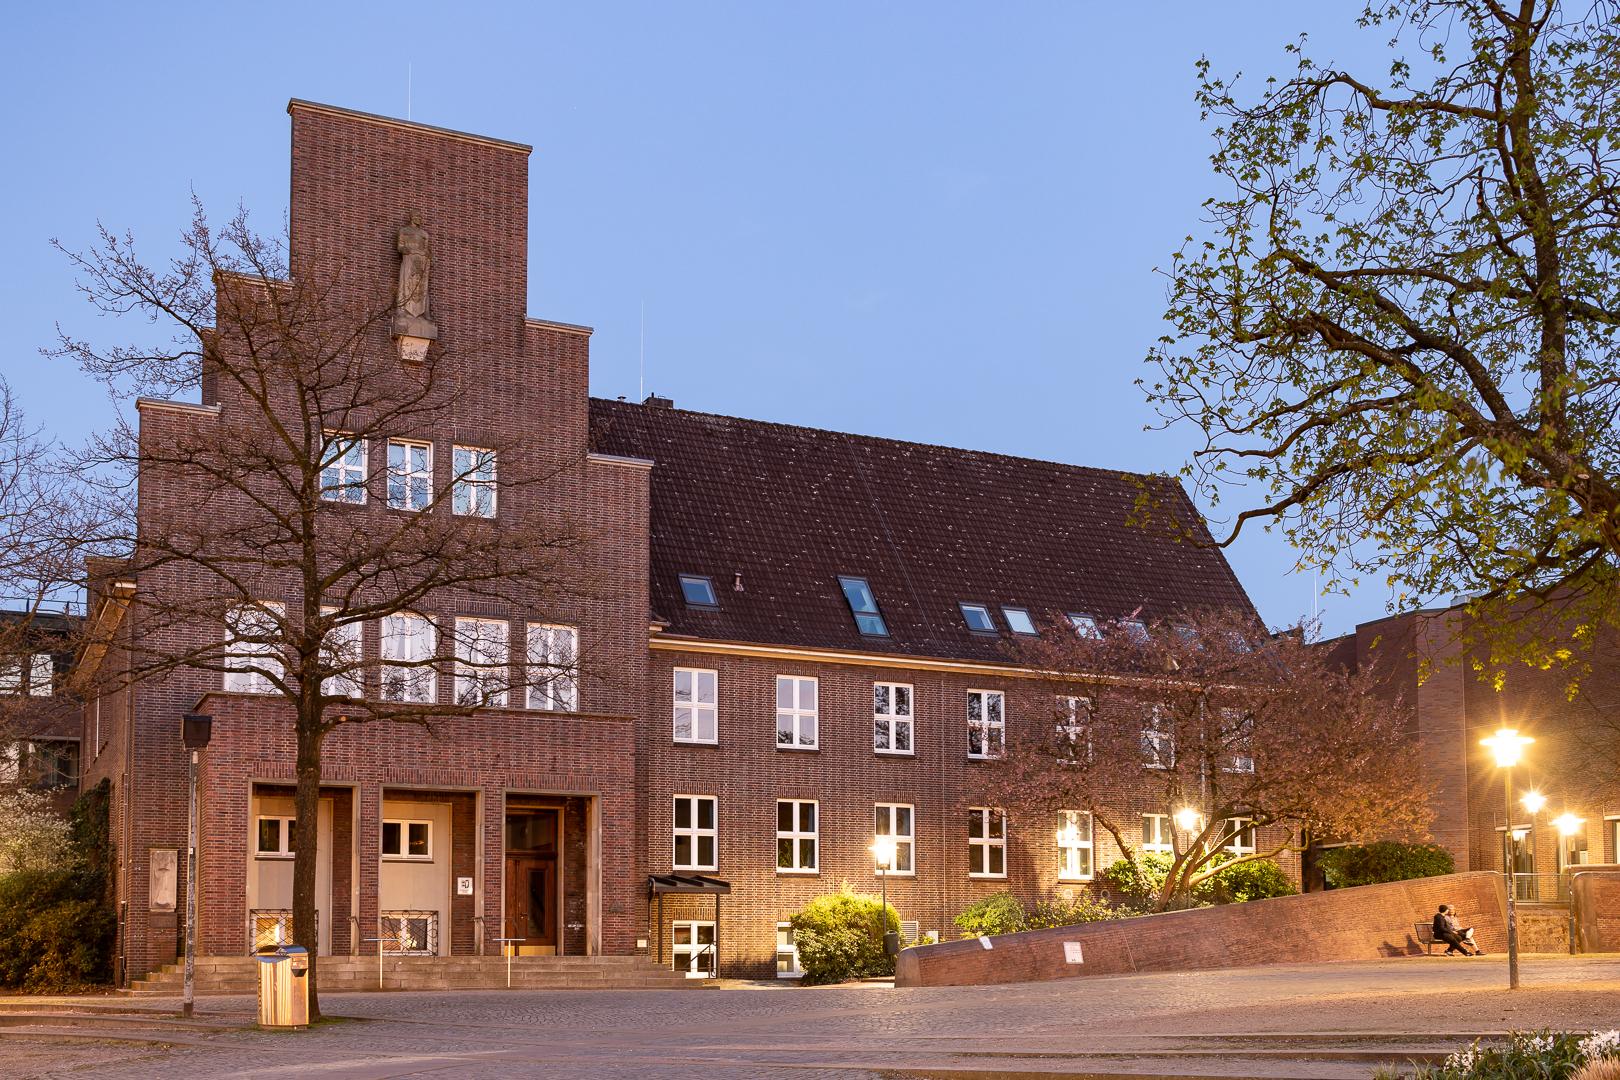 Rathaus Wedel in der Dämmerung